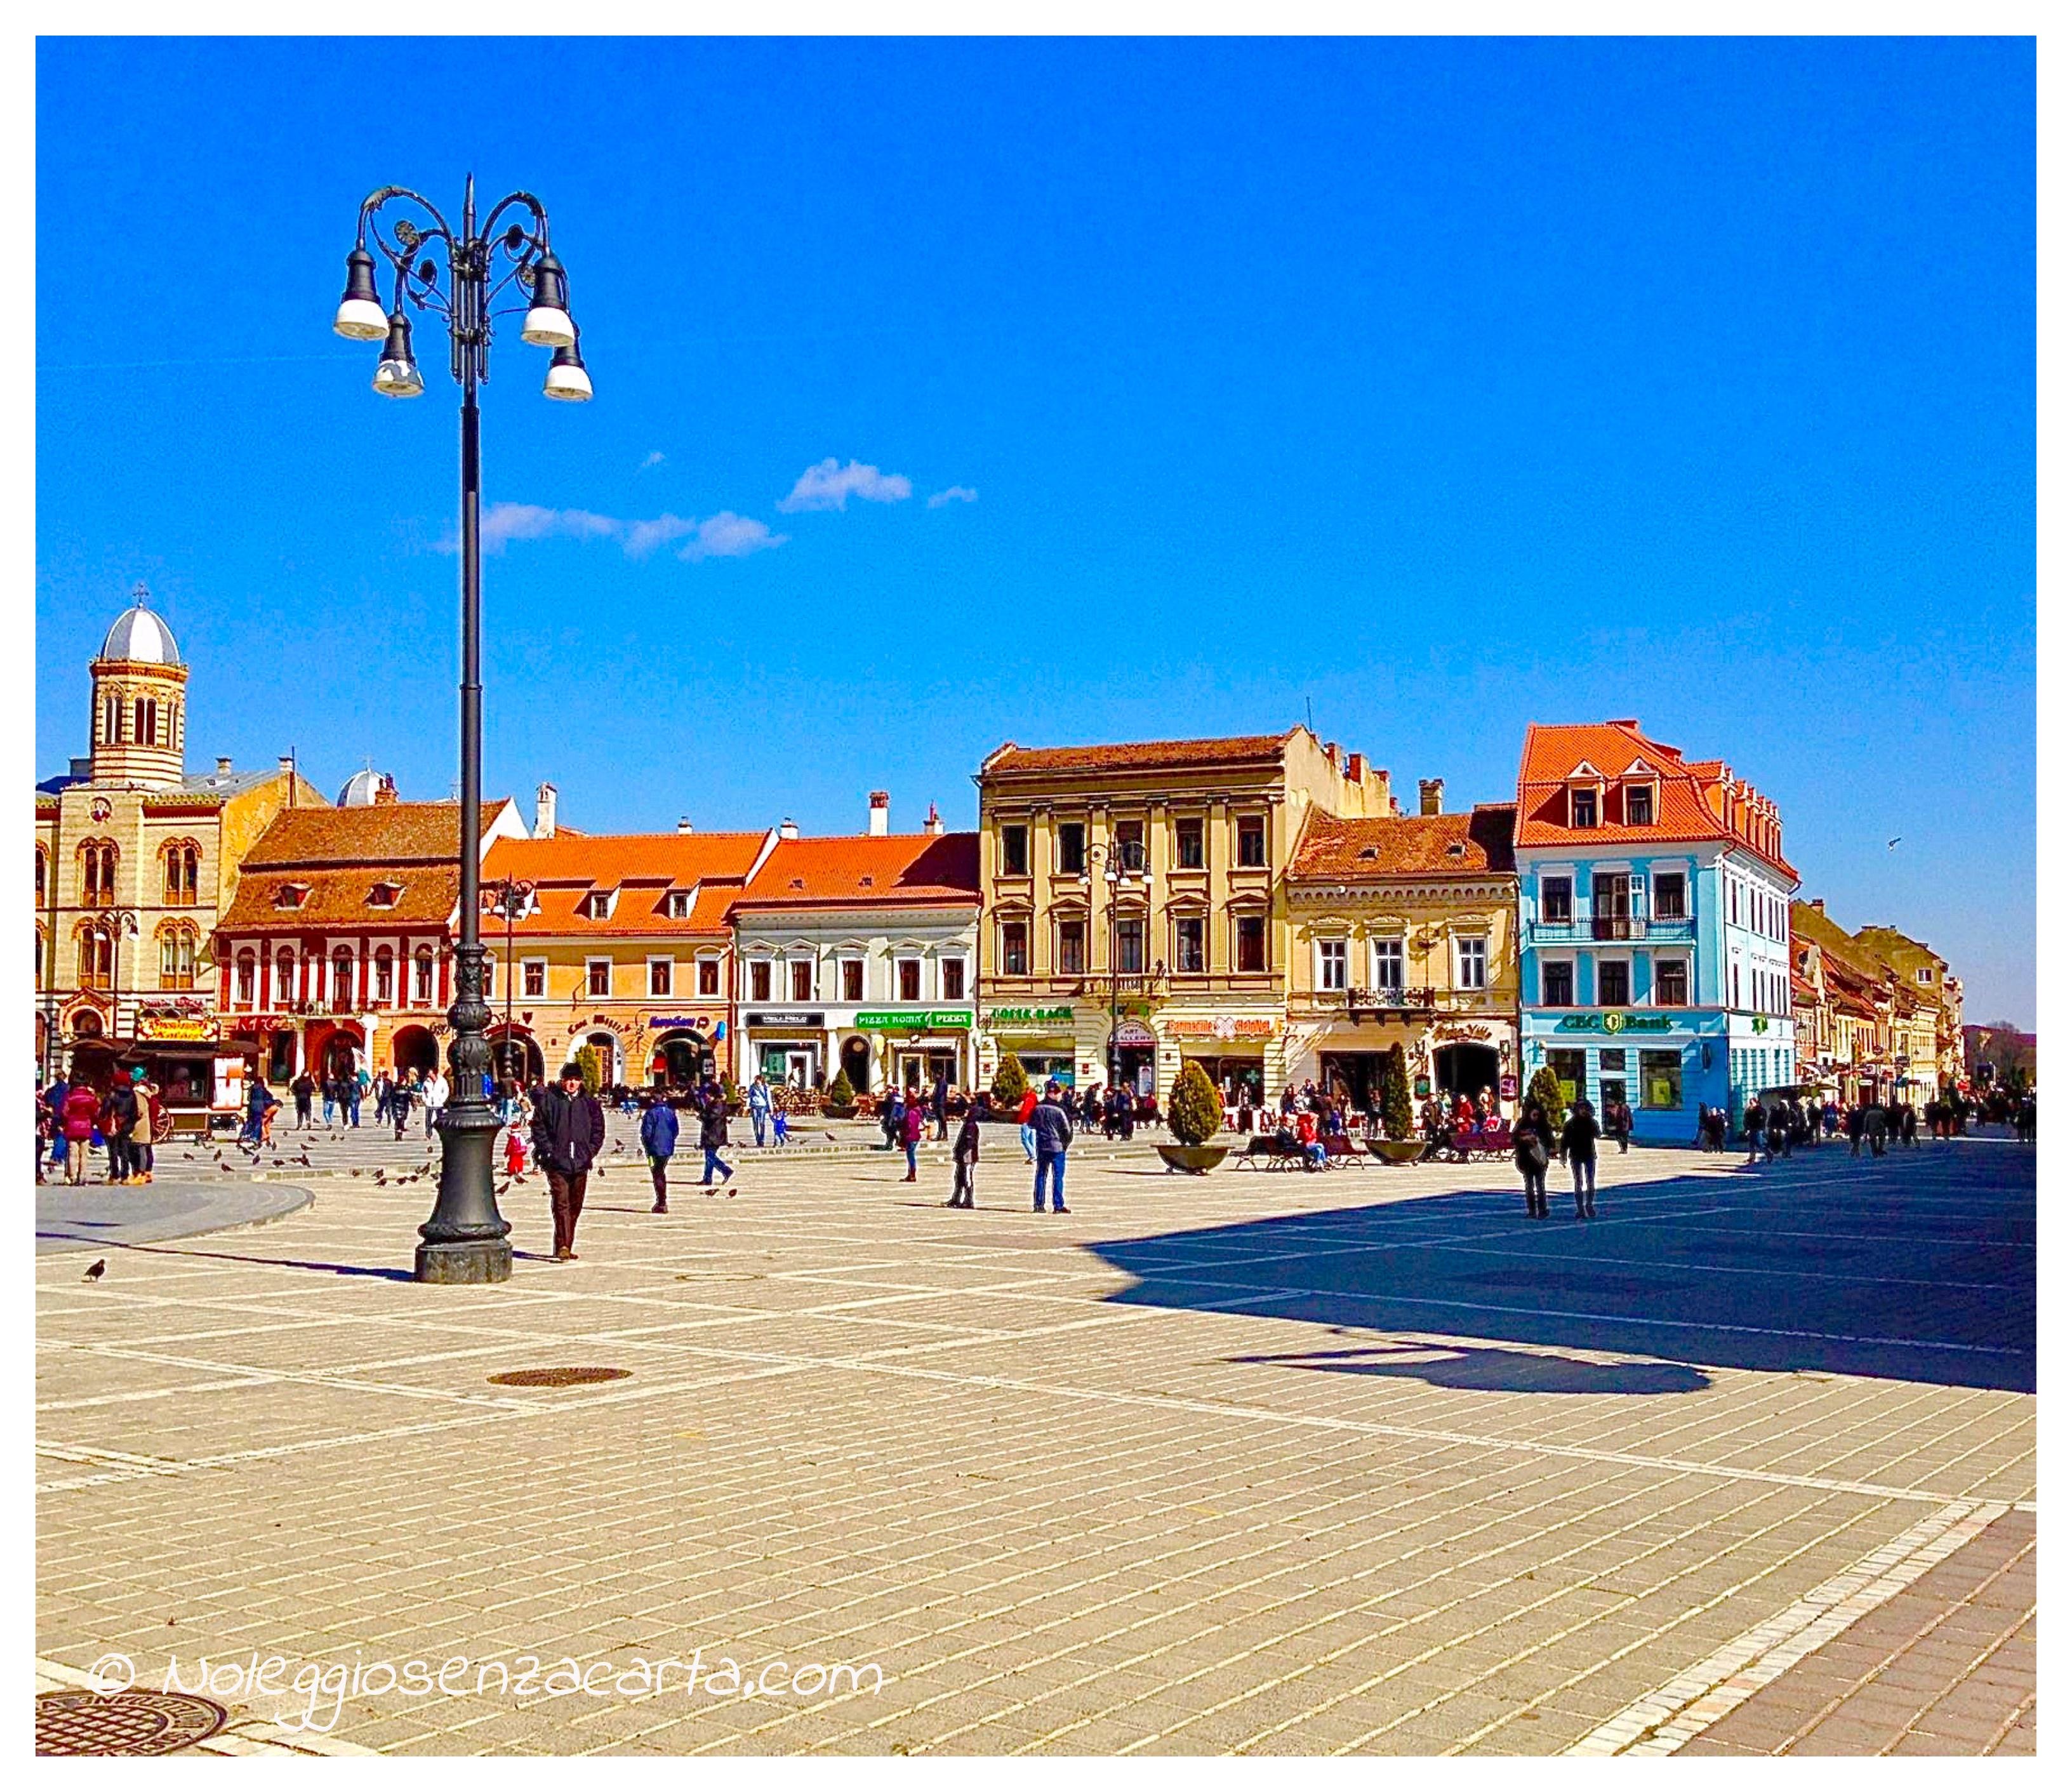 Noleggiare auto senza carta di credito in Romania